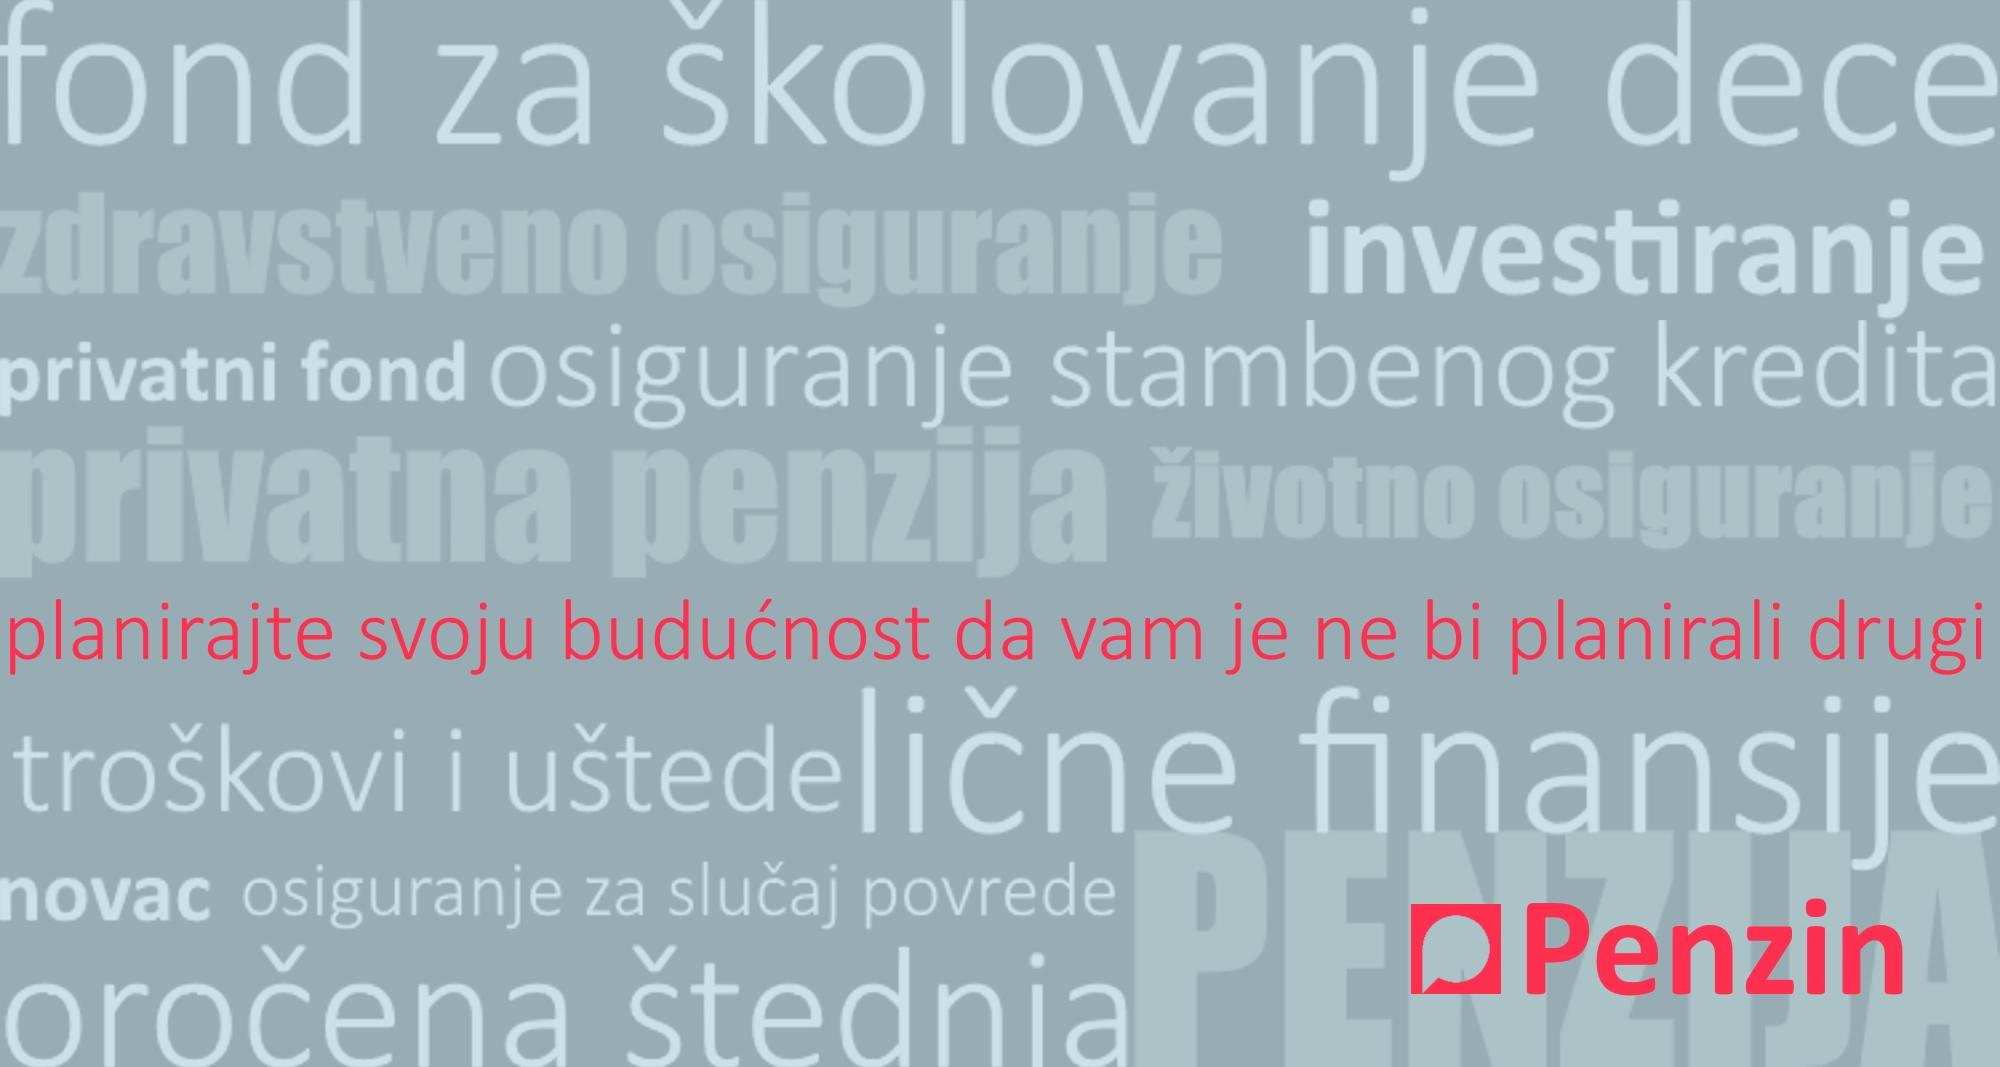 PIO BiH: Nedostaje 40 evra za svaku isplaćenu penziju